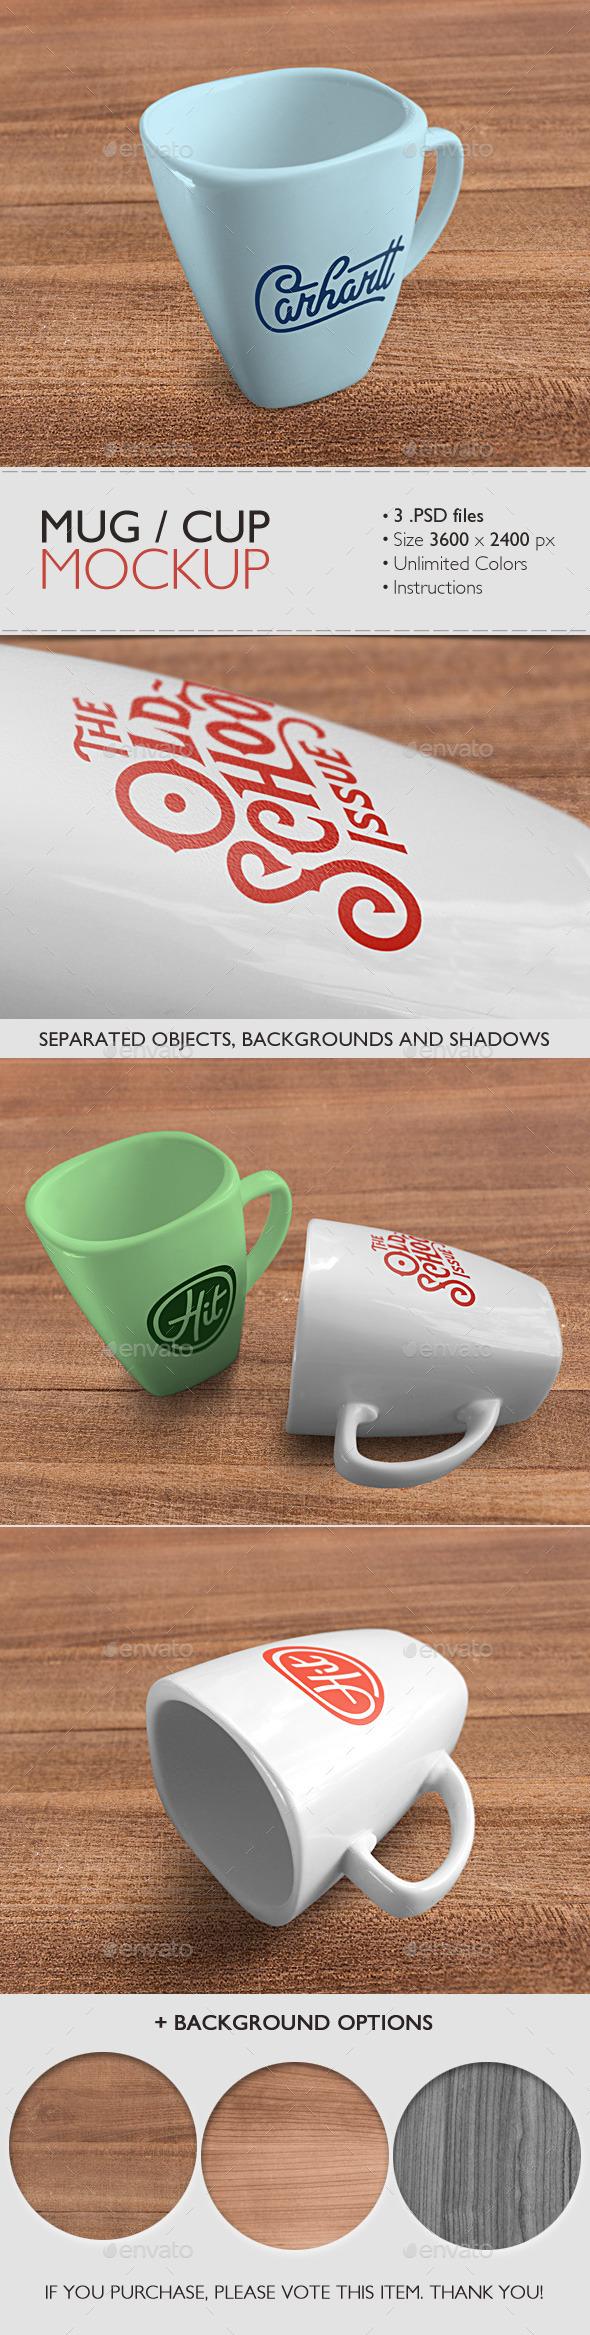 GraphicRiver Mug Cup Mockup 9198903